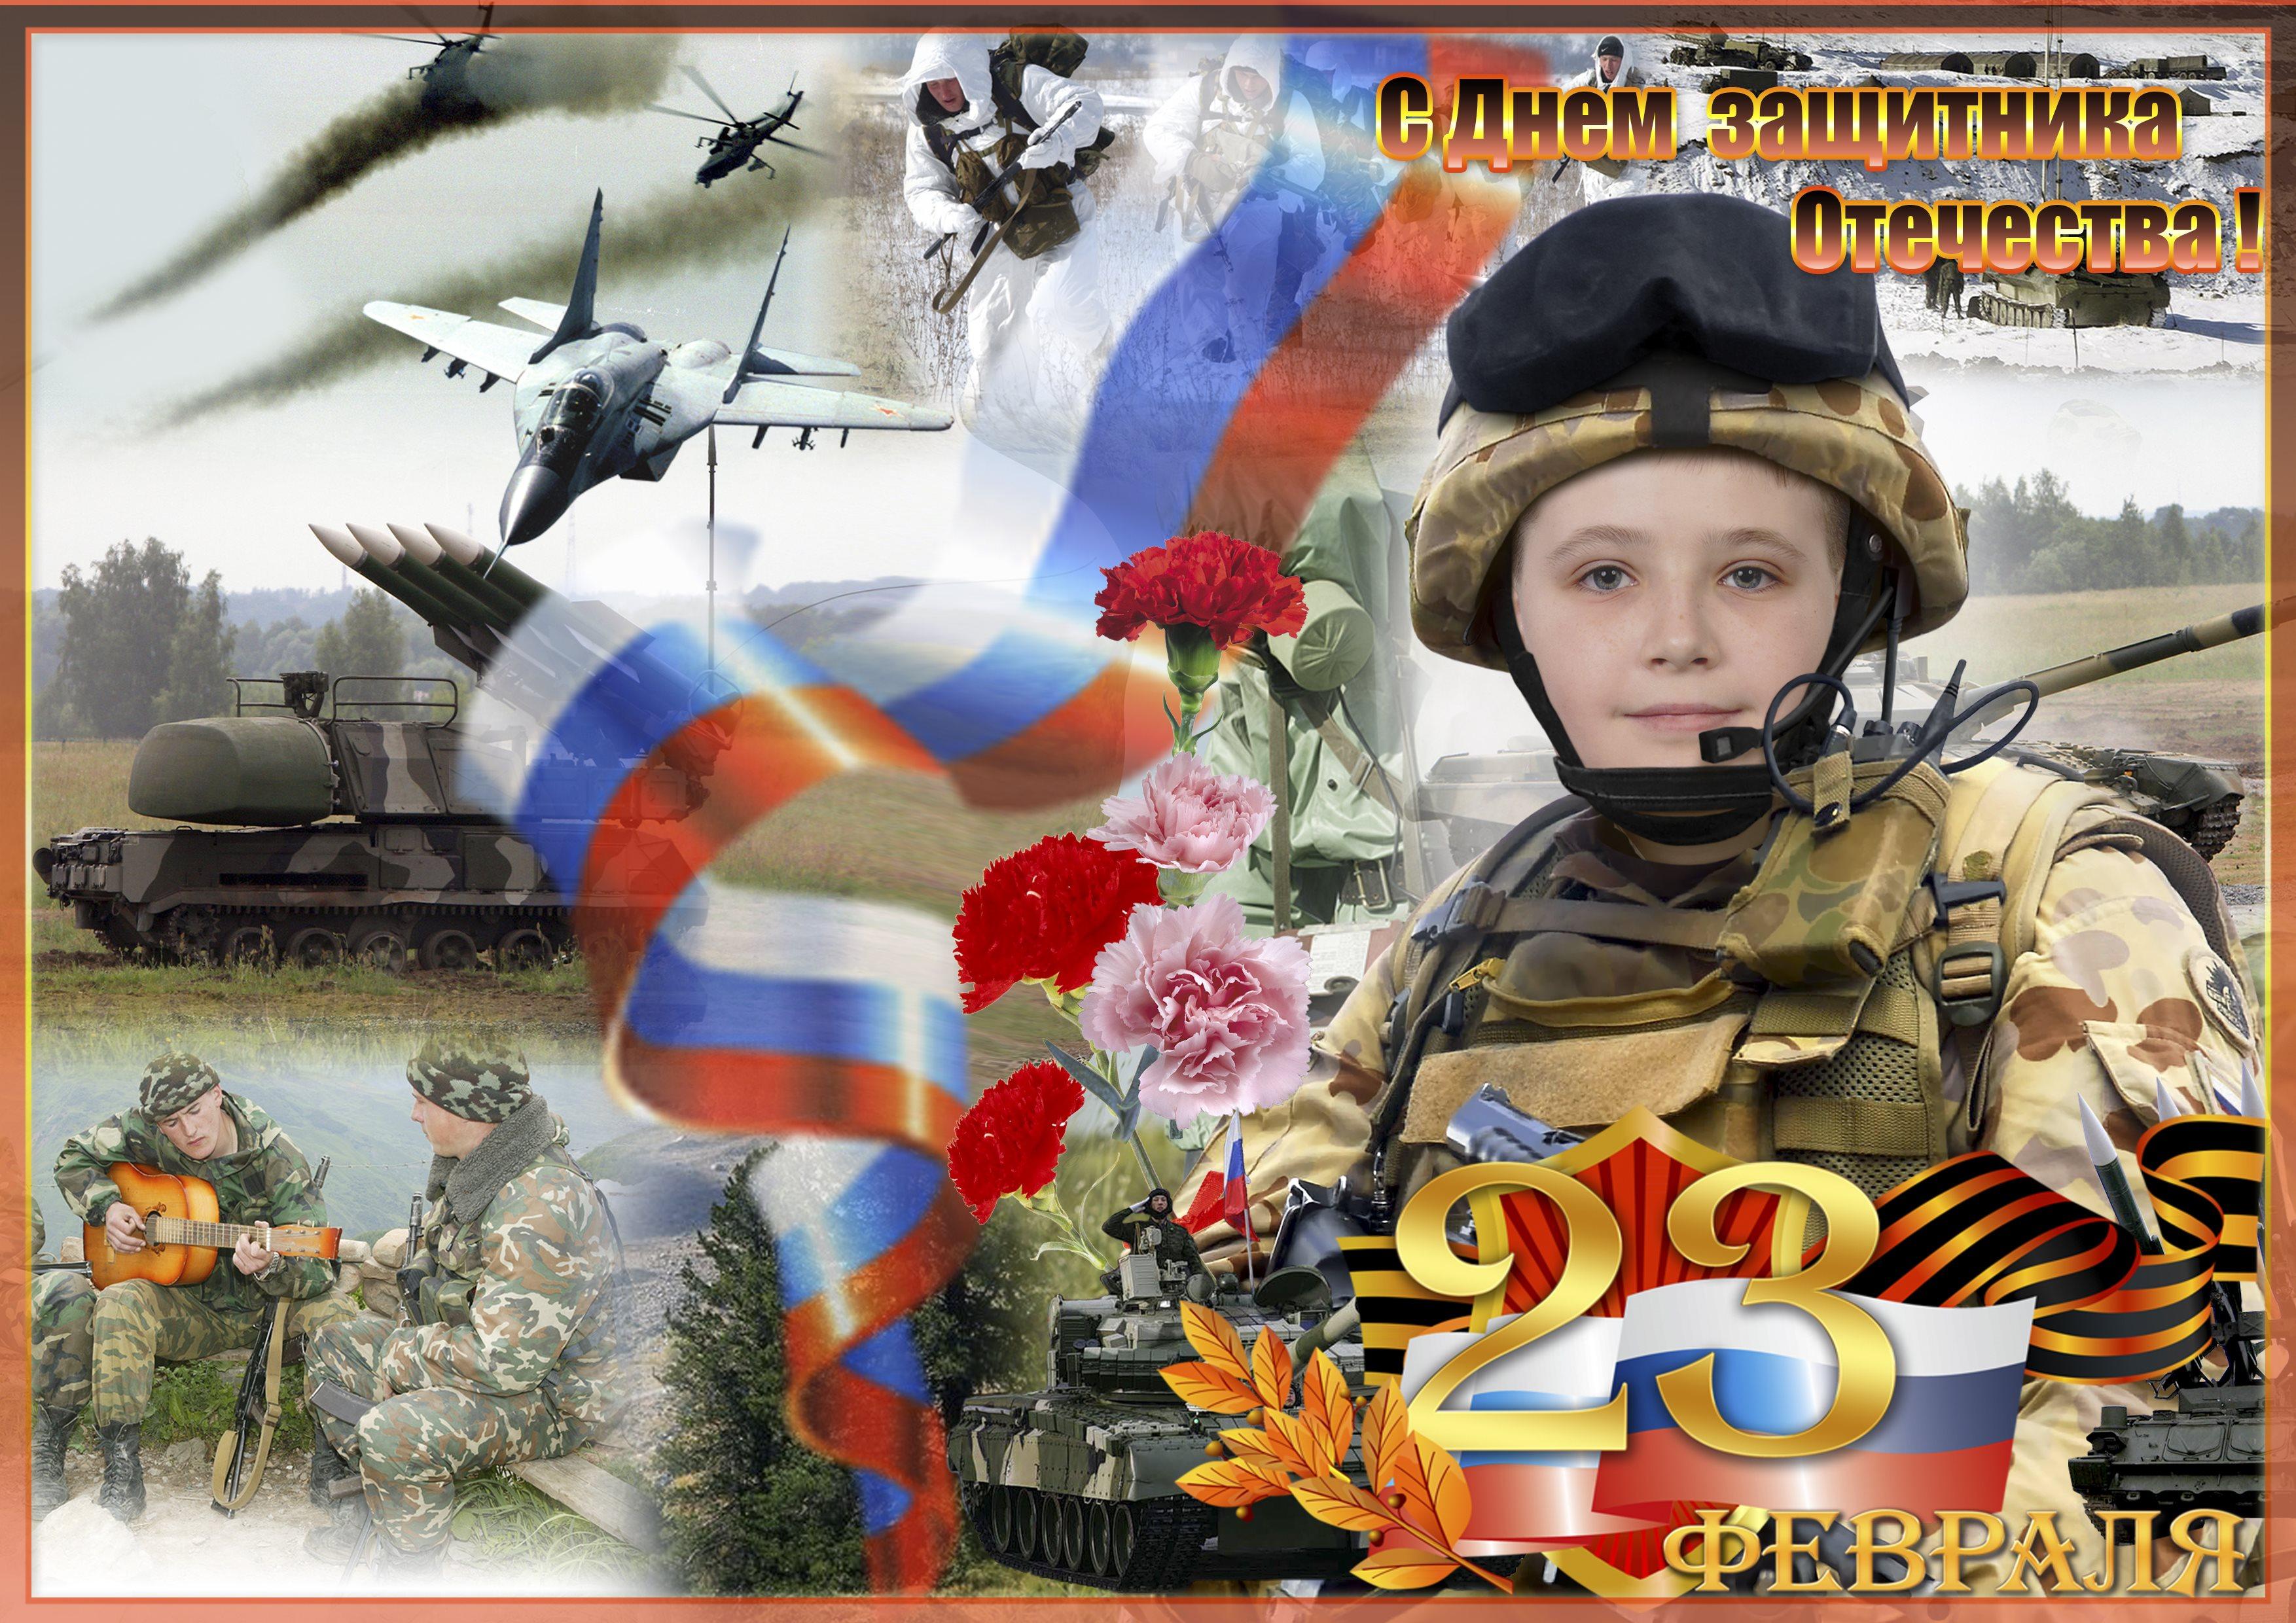 день защитника отечества фото и картинки освещения спальне обязательно